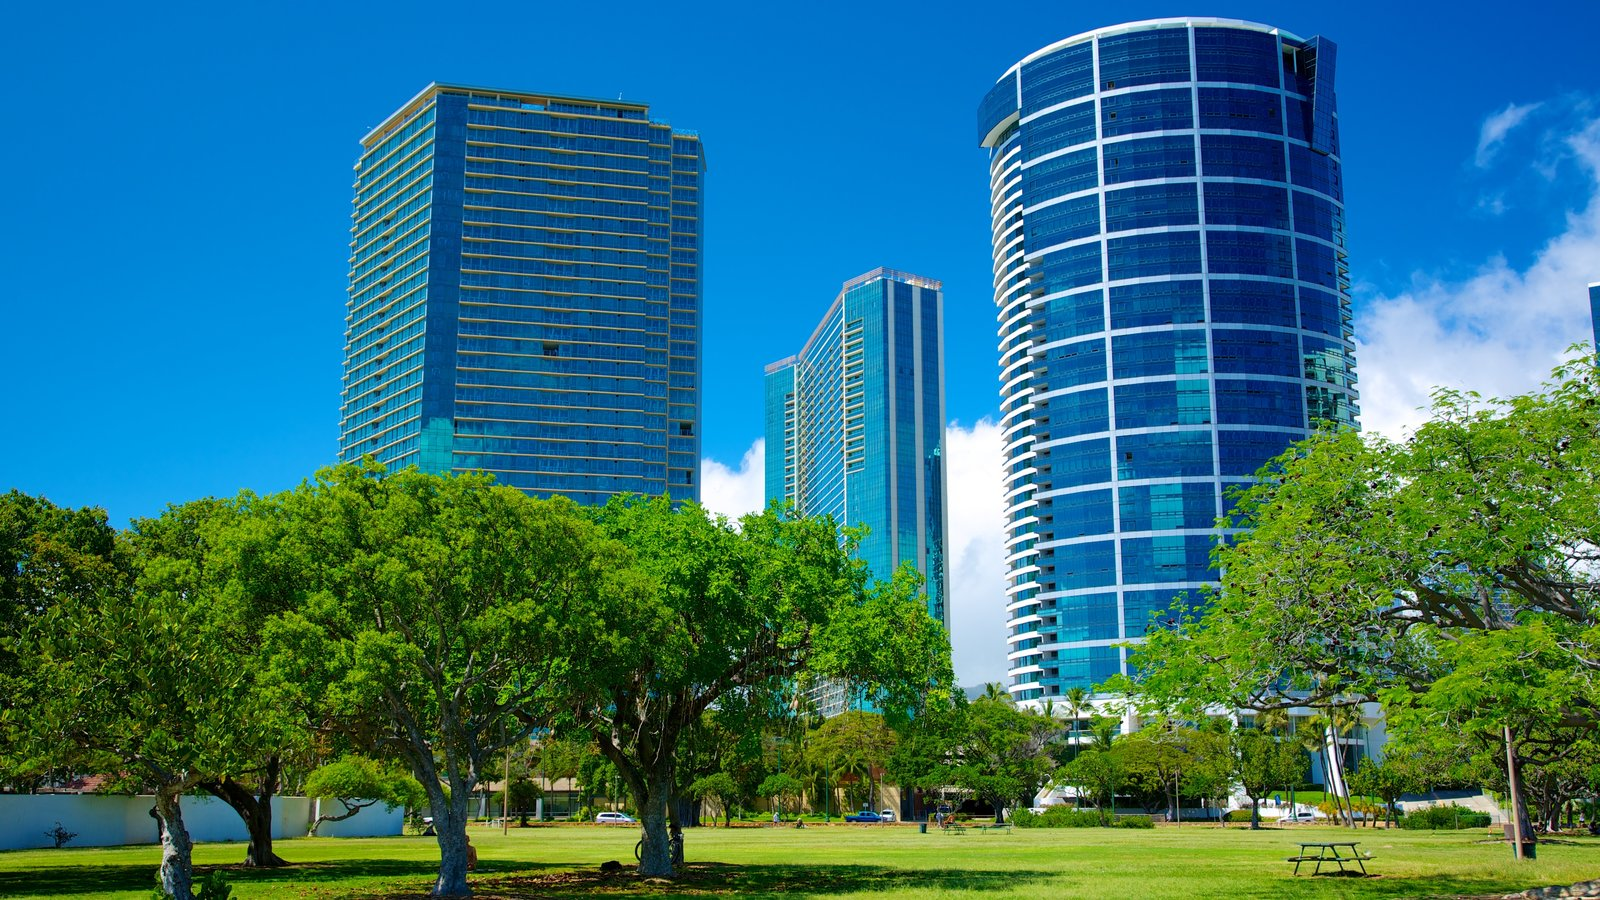 Ala Moana Beach Park caracterizando arquitetura moderna, um edifício e uma cidade